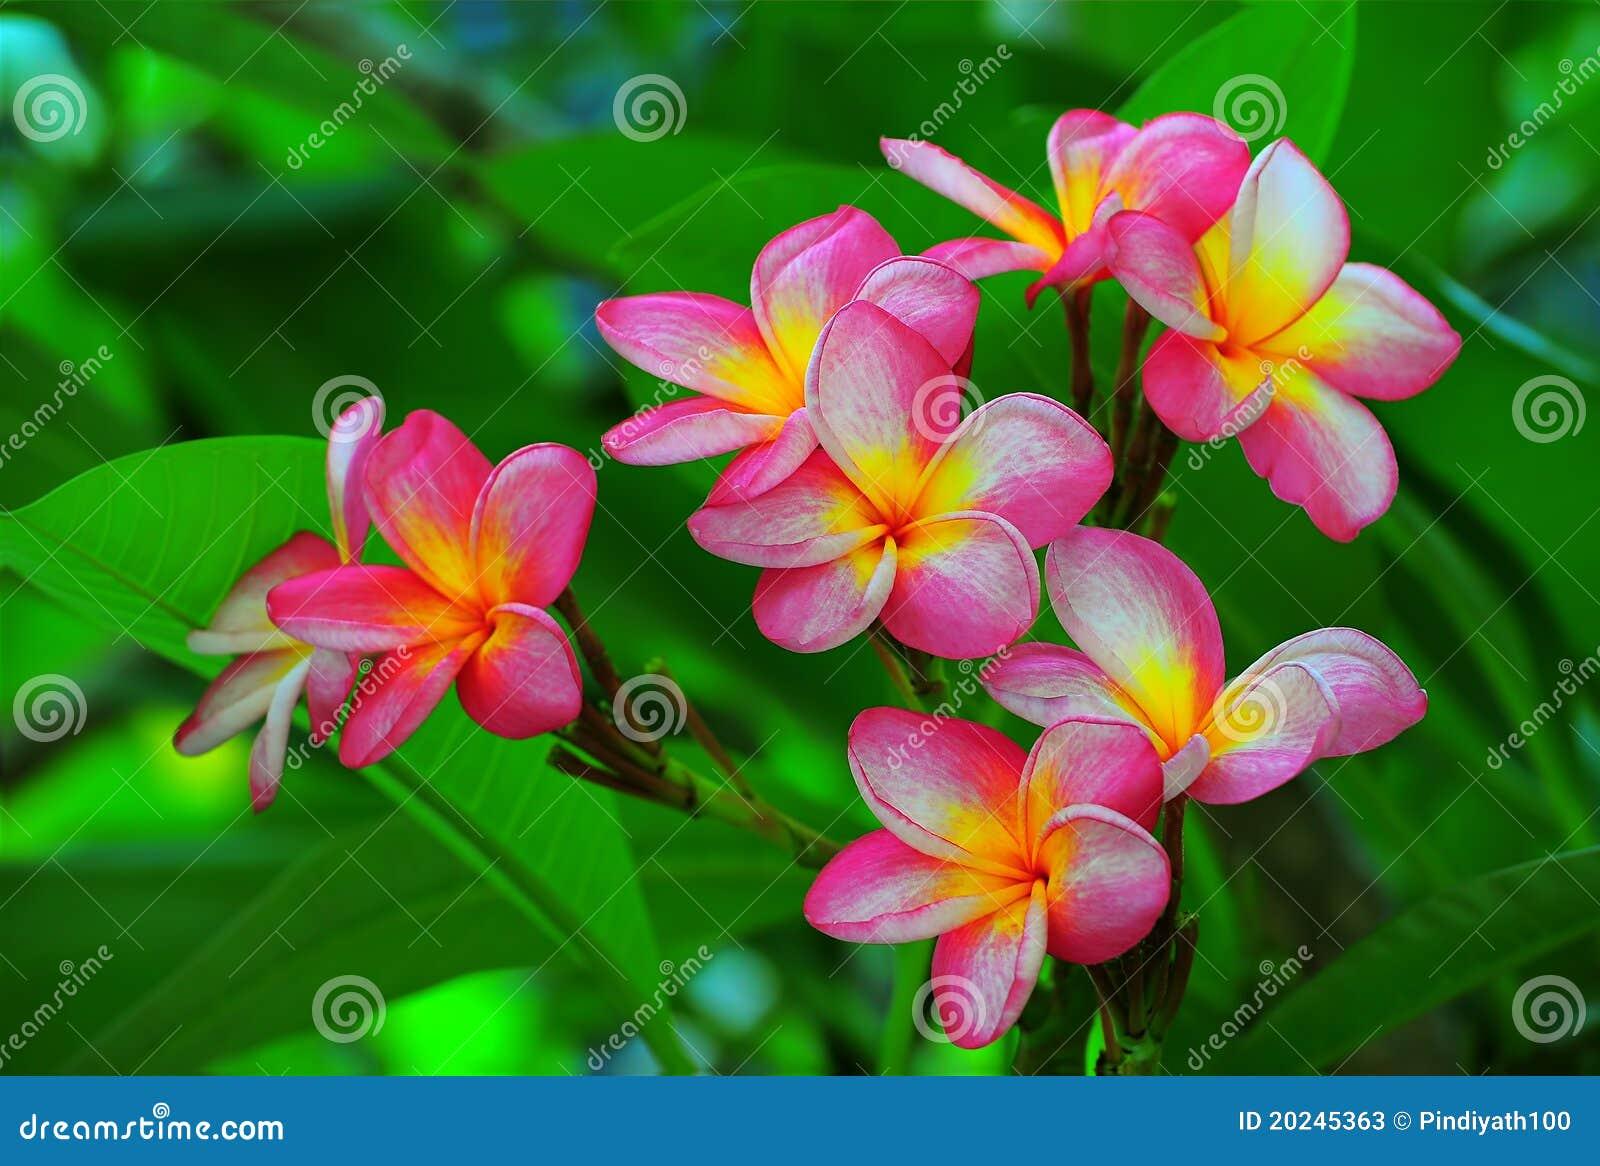 Fleurs magnifiques de frangipani